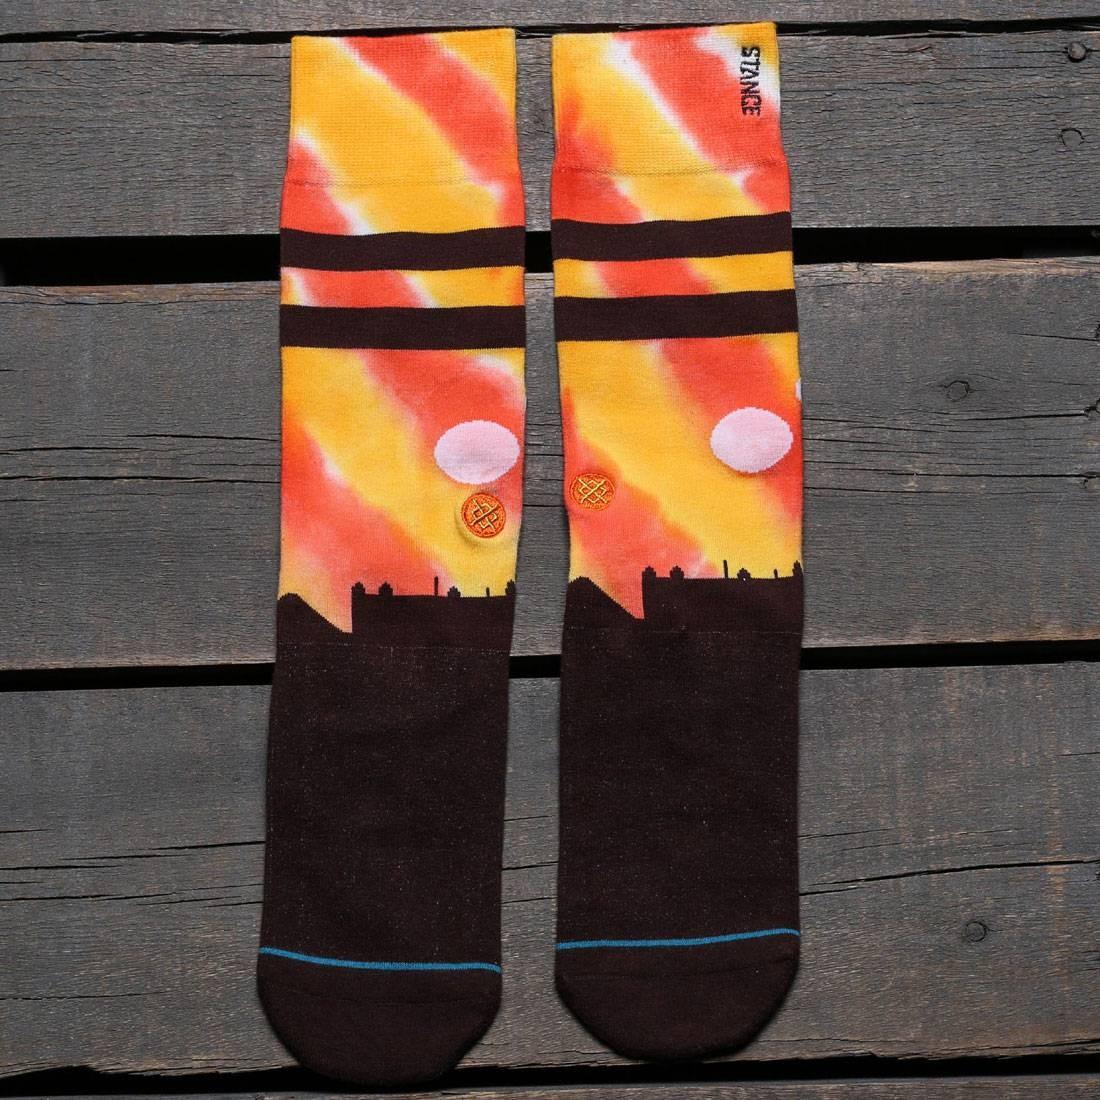 スタンス STANCE ソックス 靴下 インナー 下着 ナイトウエア メンズ 下 レッグ 【 X Star Wars Tatooine Socks (orange) 】 Orange